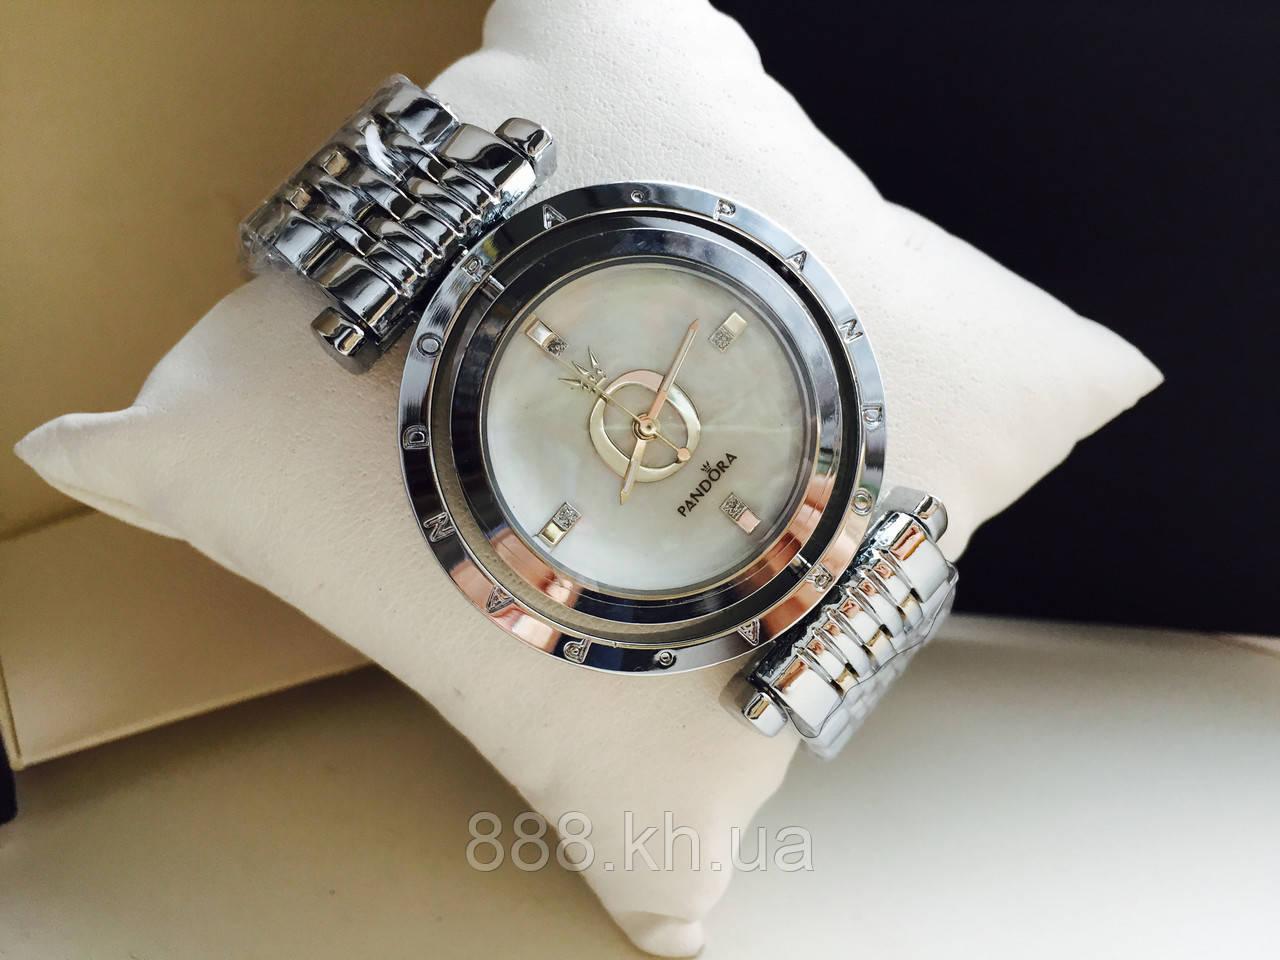 Наручные часы серебрянные Pandora 1301178, стильные часы на подарок